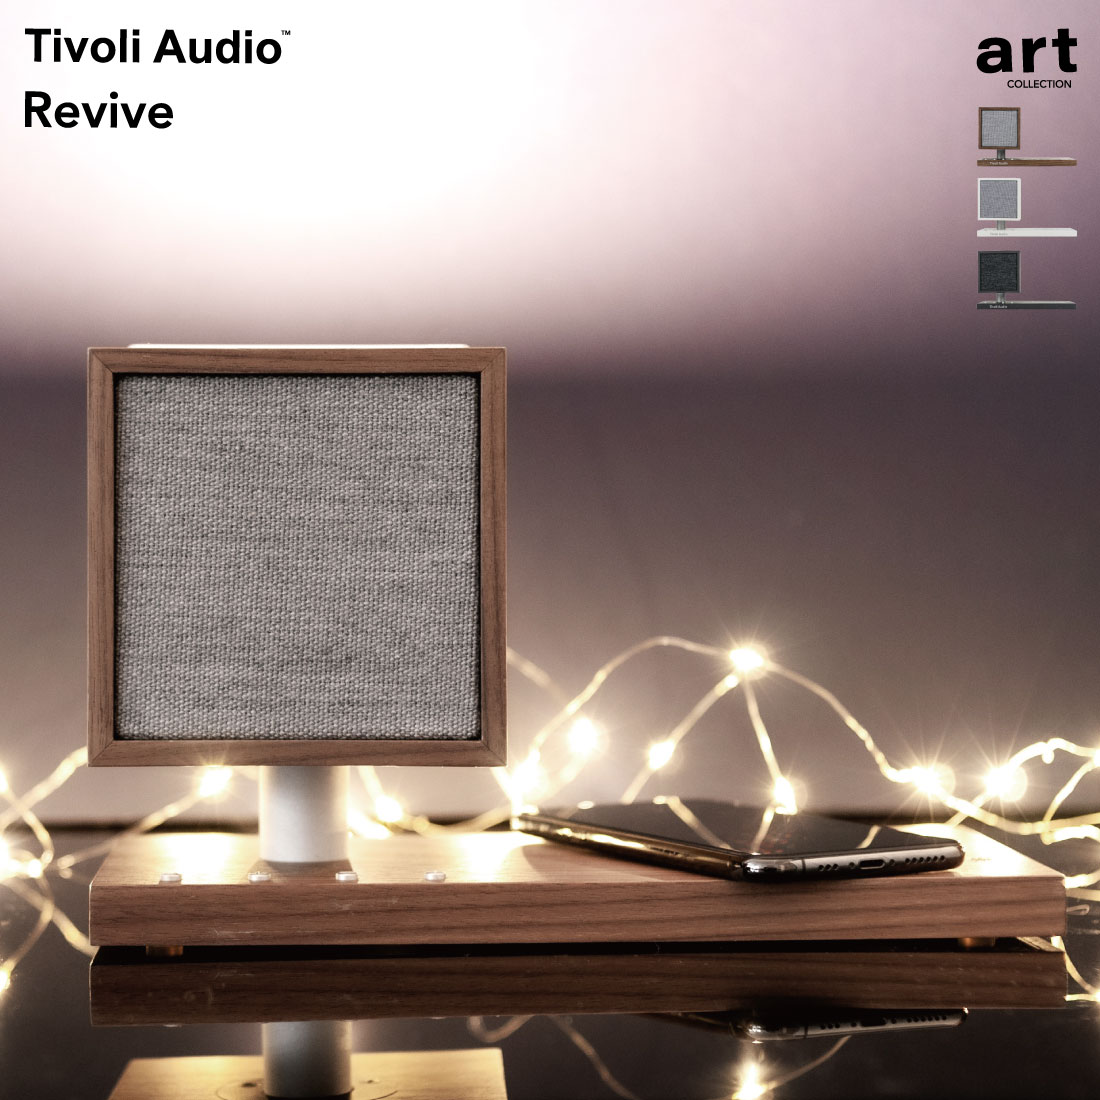 贈物 ○正規代理店品LED照明 Qiワイヤレス充電搭載のBluetoothスピーカー Tivoli Audio Revive 海外 Bluetooth Qi リバイブ チボリオーディオ ブルートゥース チー